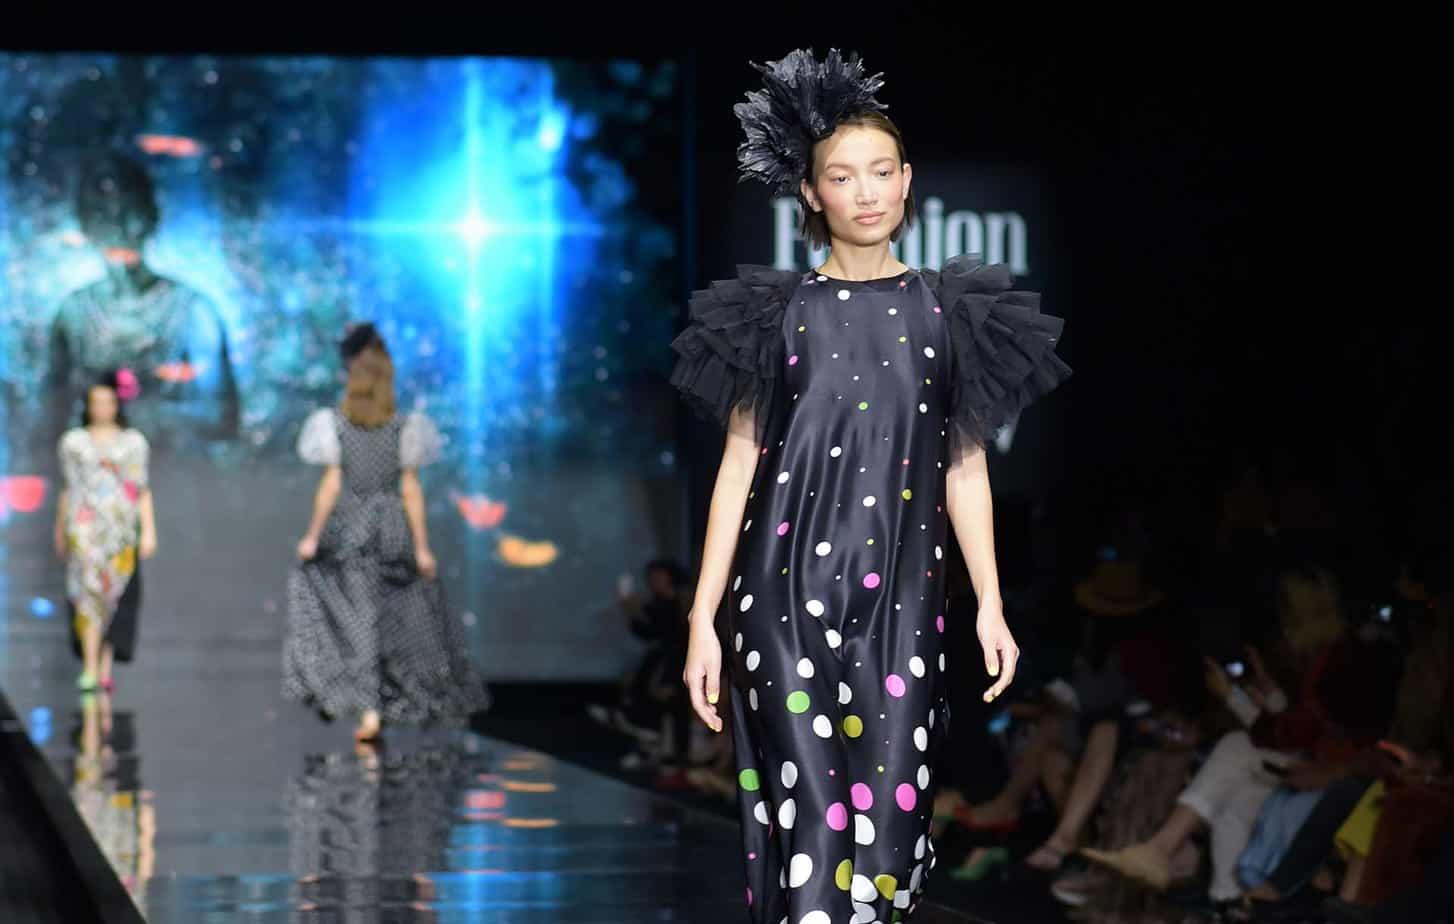 לארה רוסנובסקי, שבוע האופנה תל אביב 2019, צילום סרג'ו סטרודובצב - 9